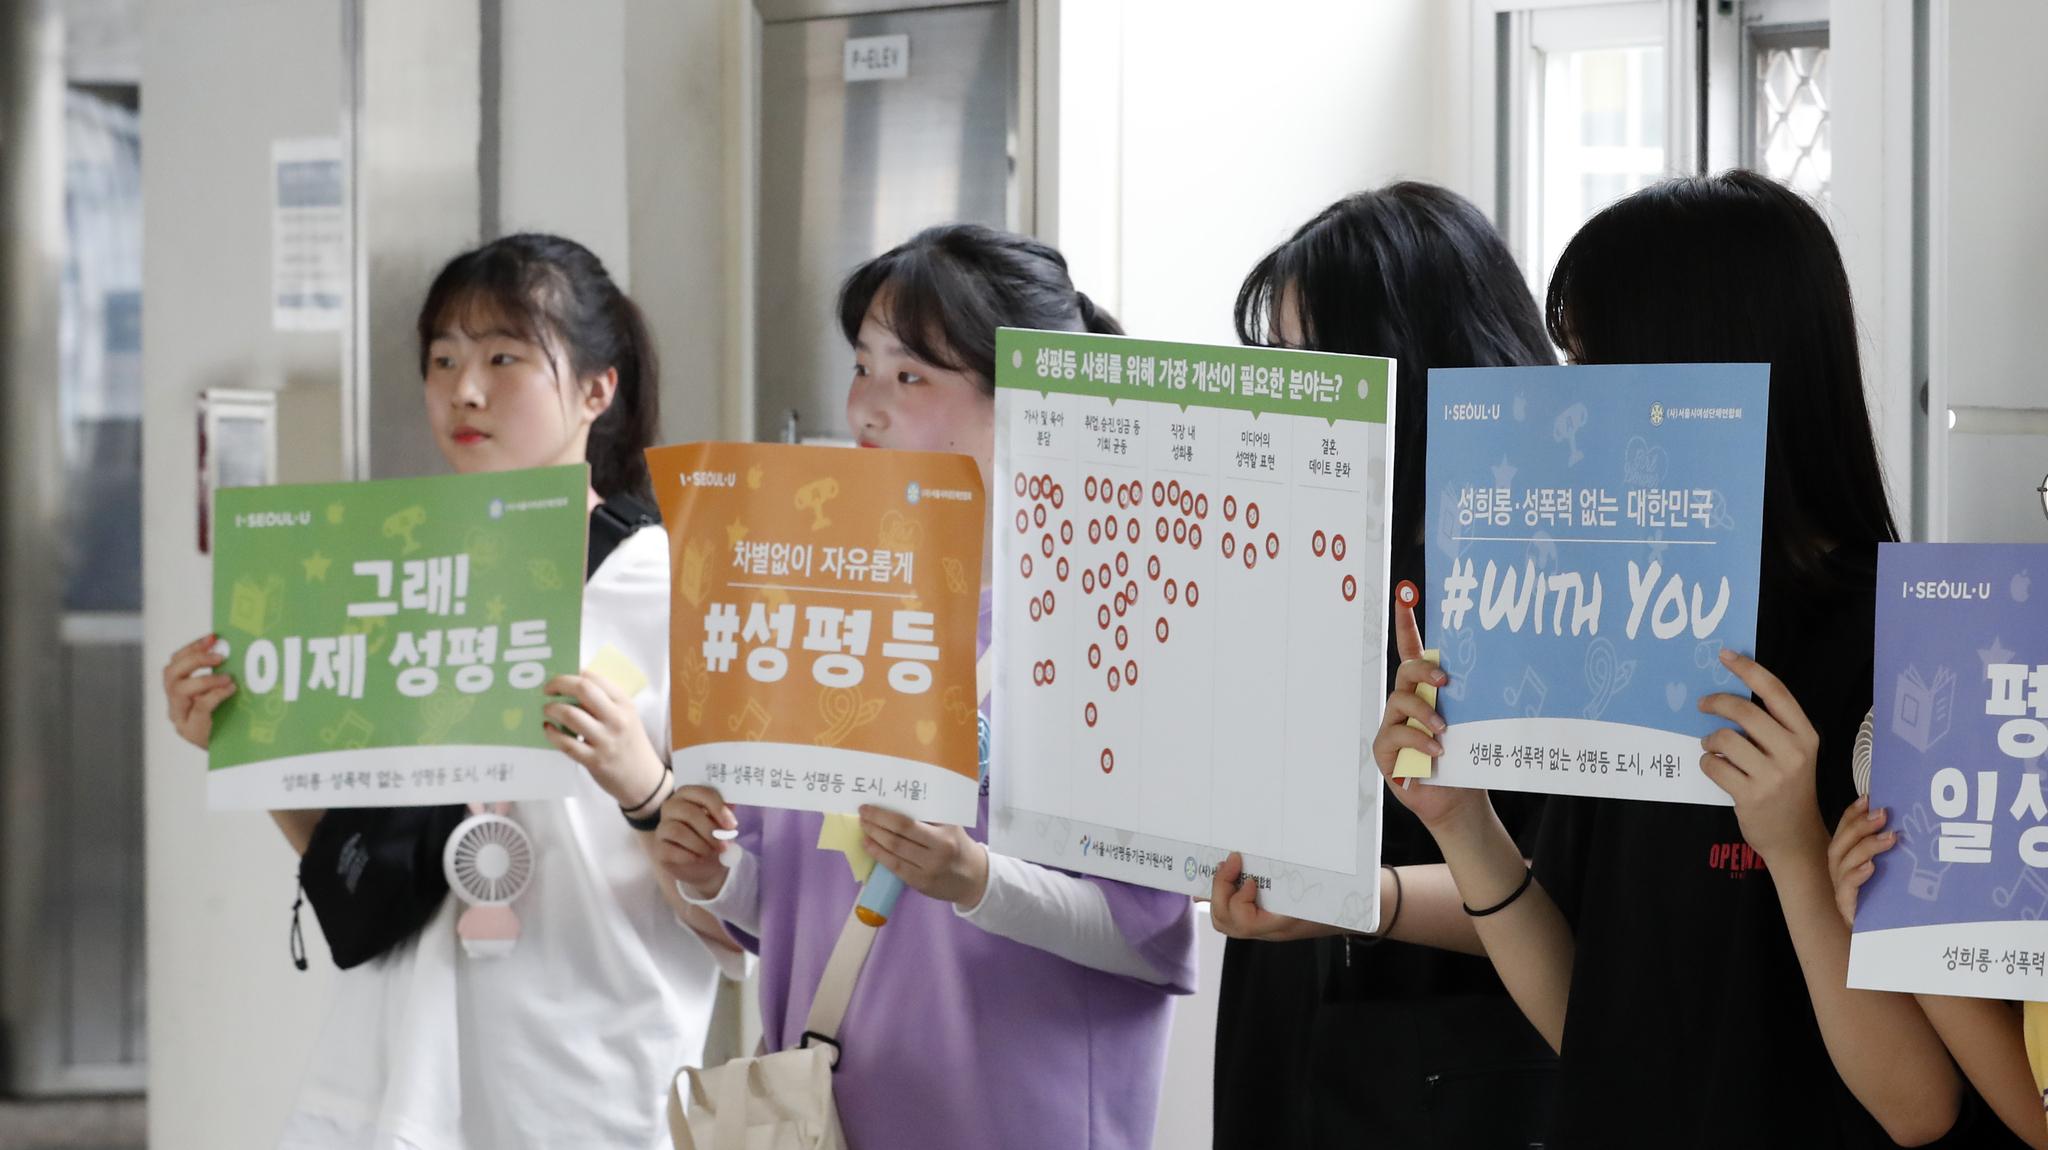 24일 서울 노량진역에서 학생들이 성평등 홍보 캠페인과 설문조사를 하고 있다. [뉴스1]